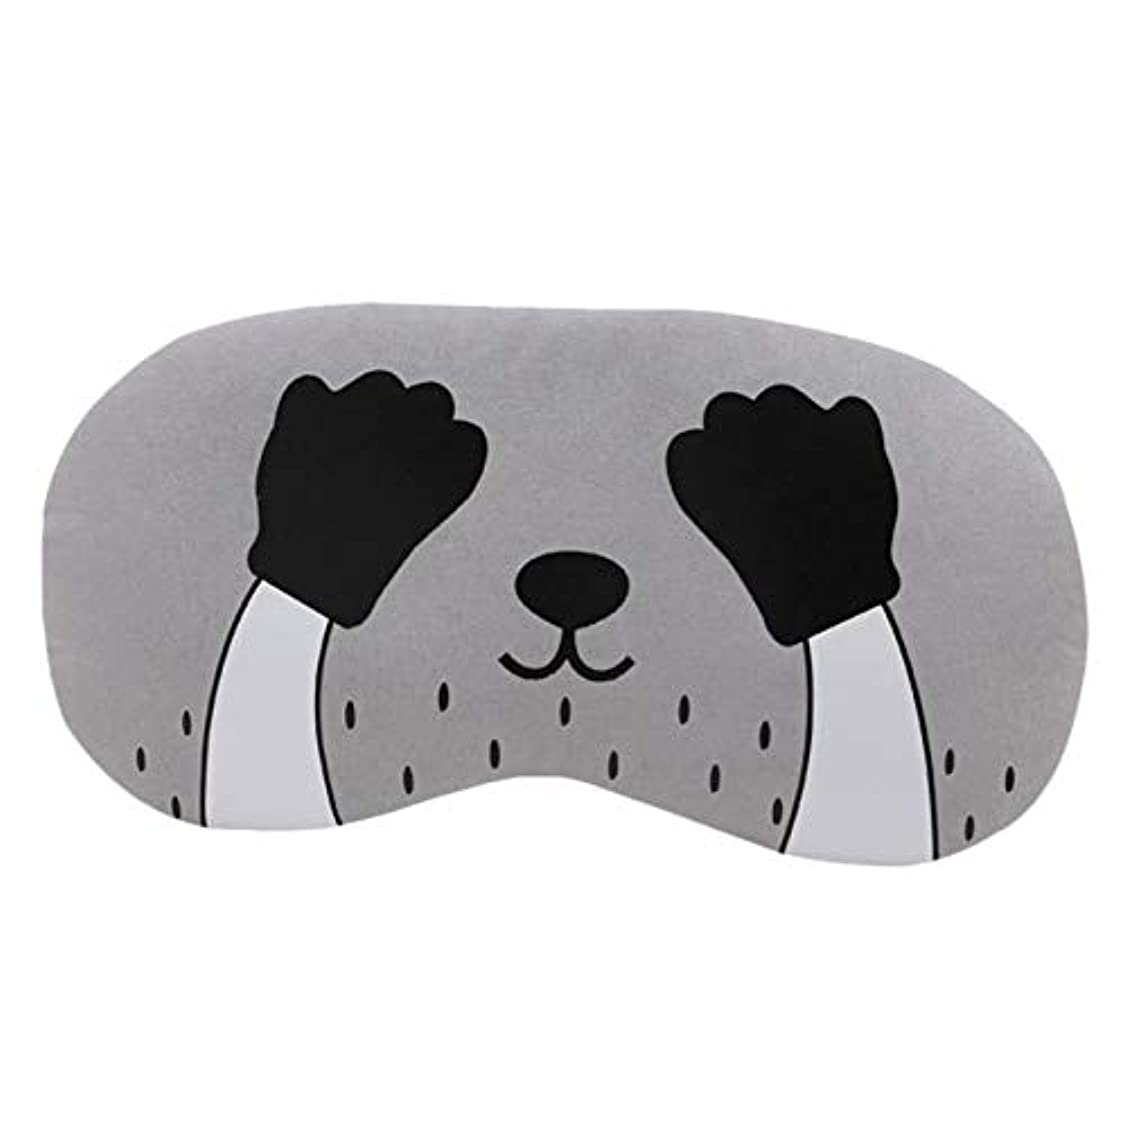 遊びますセージ異常なNOTE Cutesleepingアイマスク漫画猫ソフトトラベルアイシェードカバー残りリラックス睡眠目隠しドロップシッピング2U0817